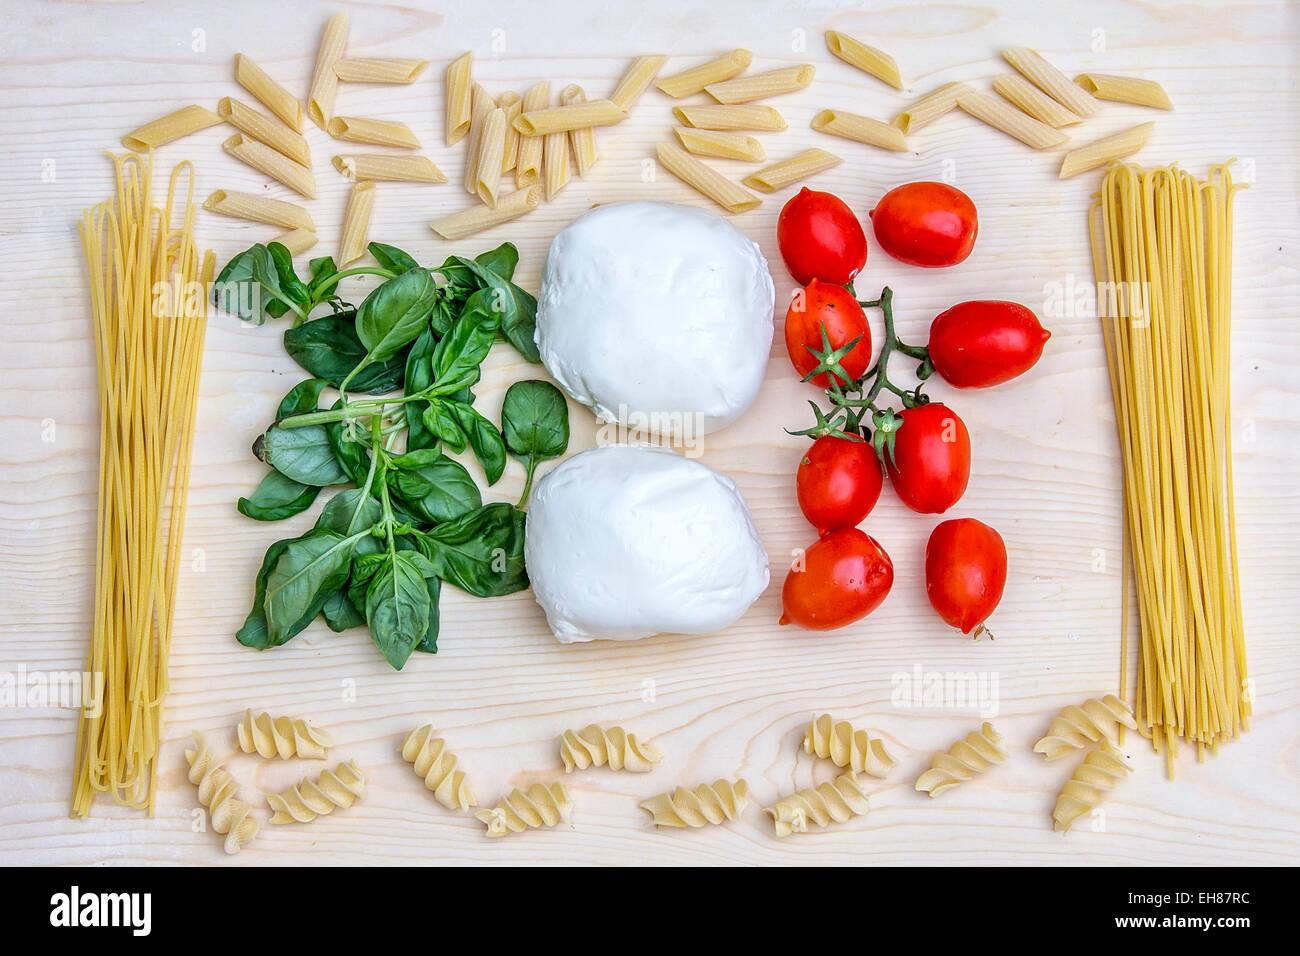 Composizione con i colori vivaci del cibo italiano: pasta, spaghetti Italia Immagini Stock